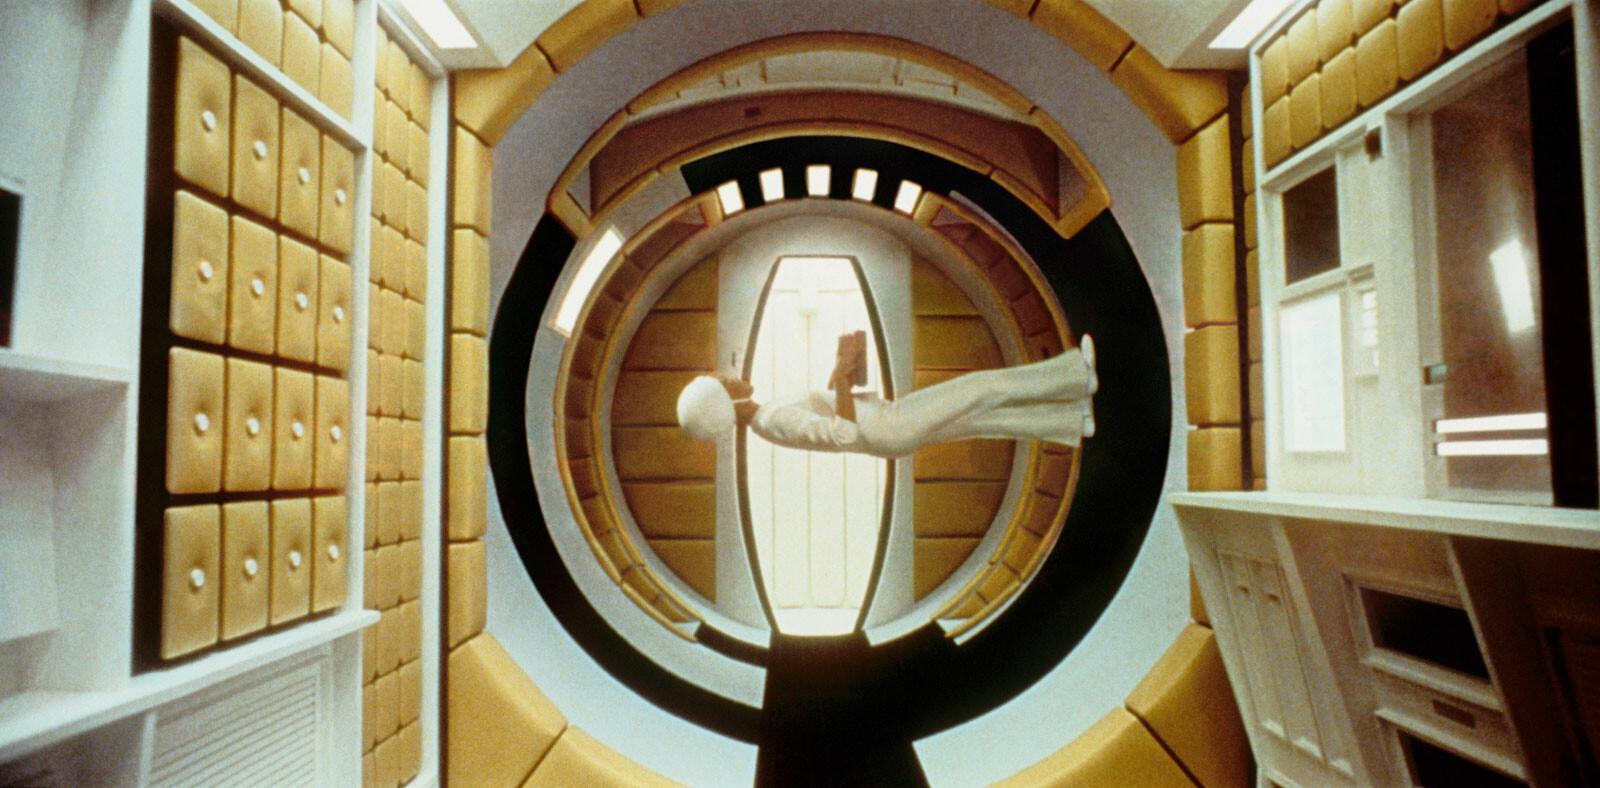 Stewardess (Edwina Carroll) - Stanley Kubrick